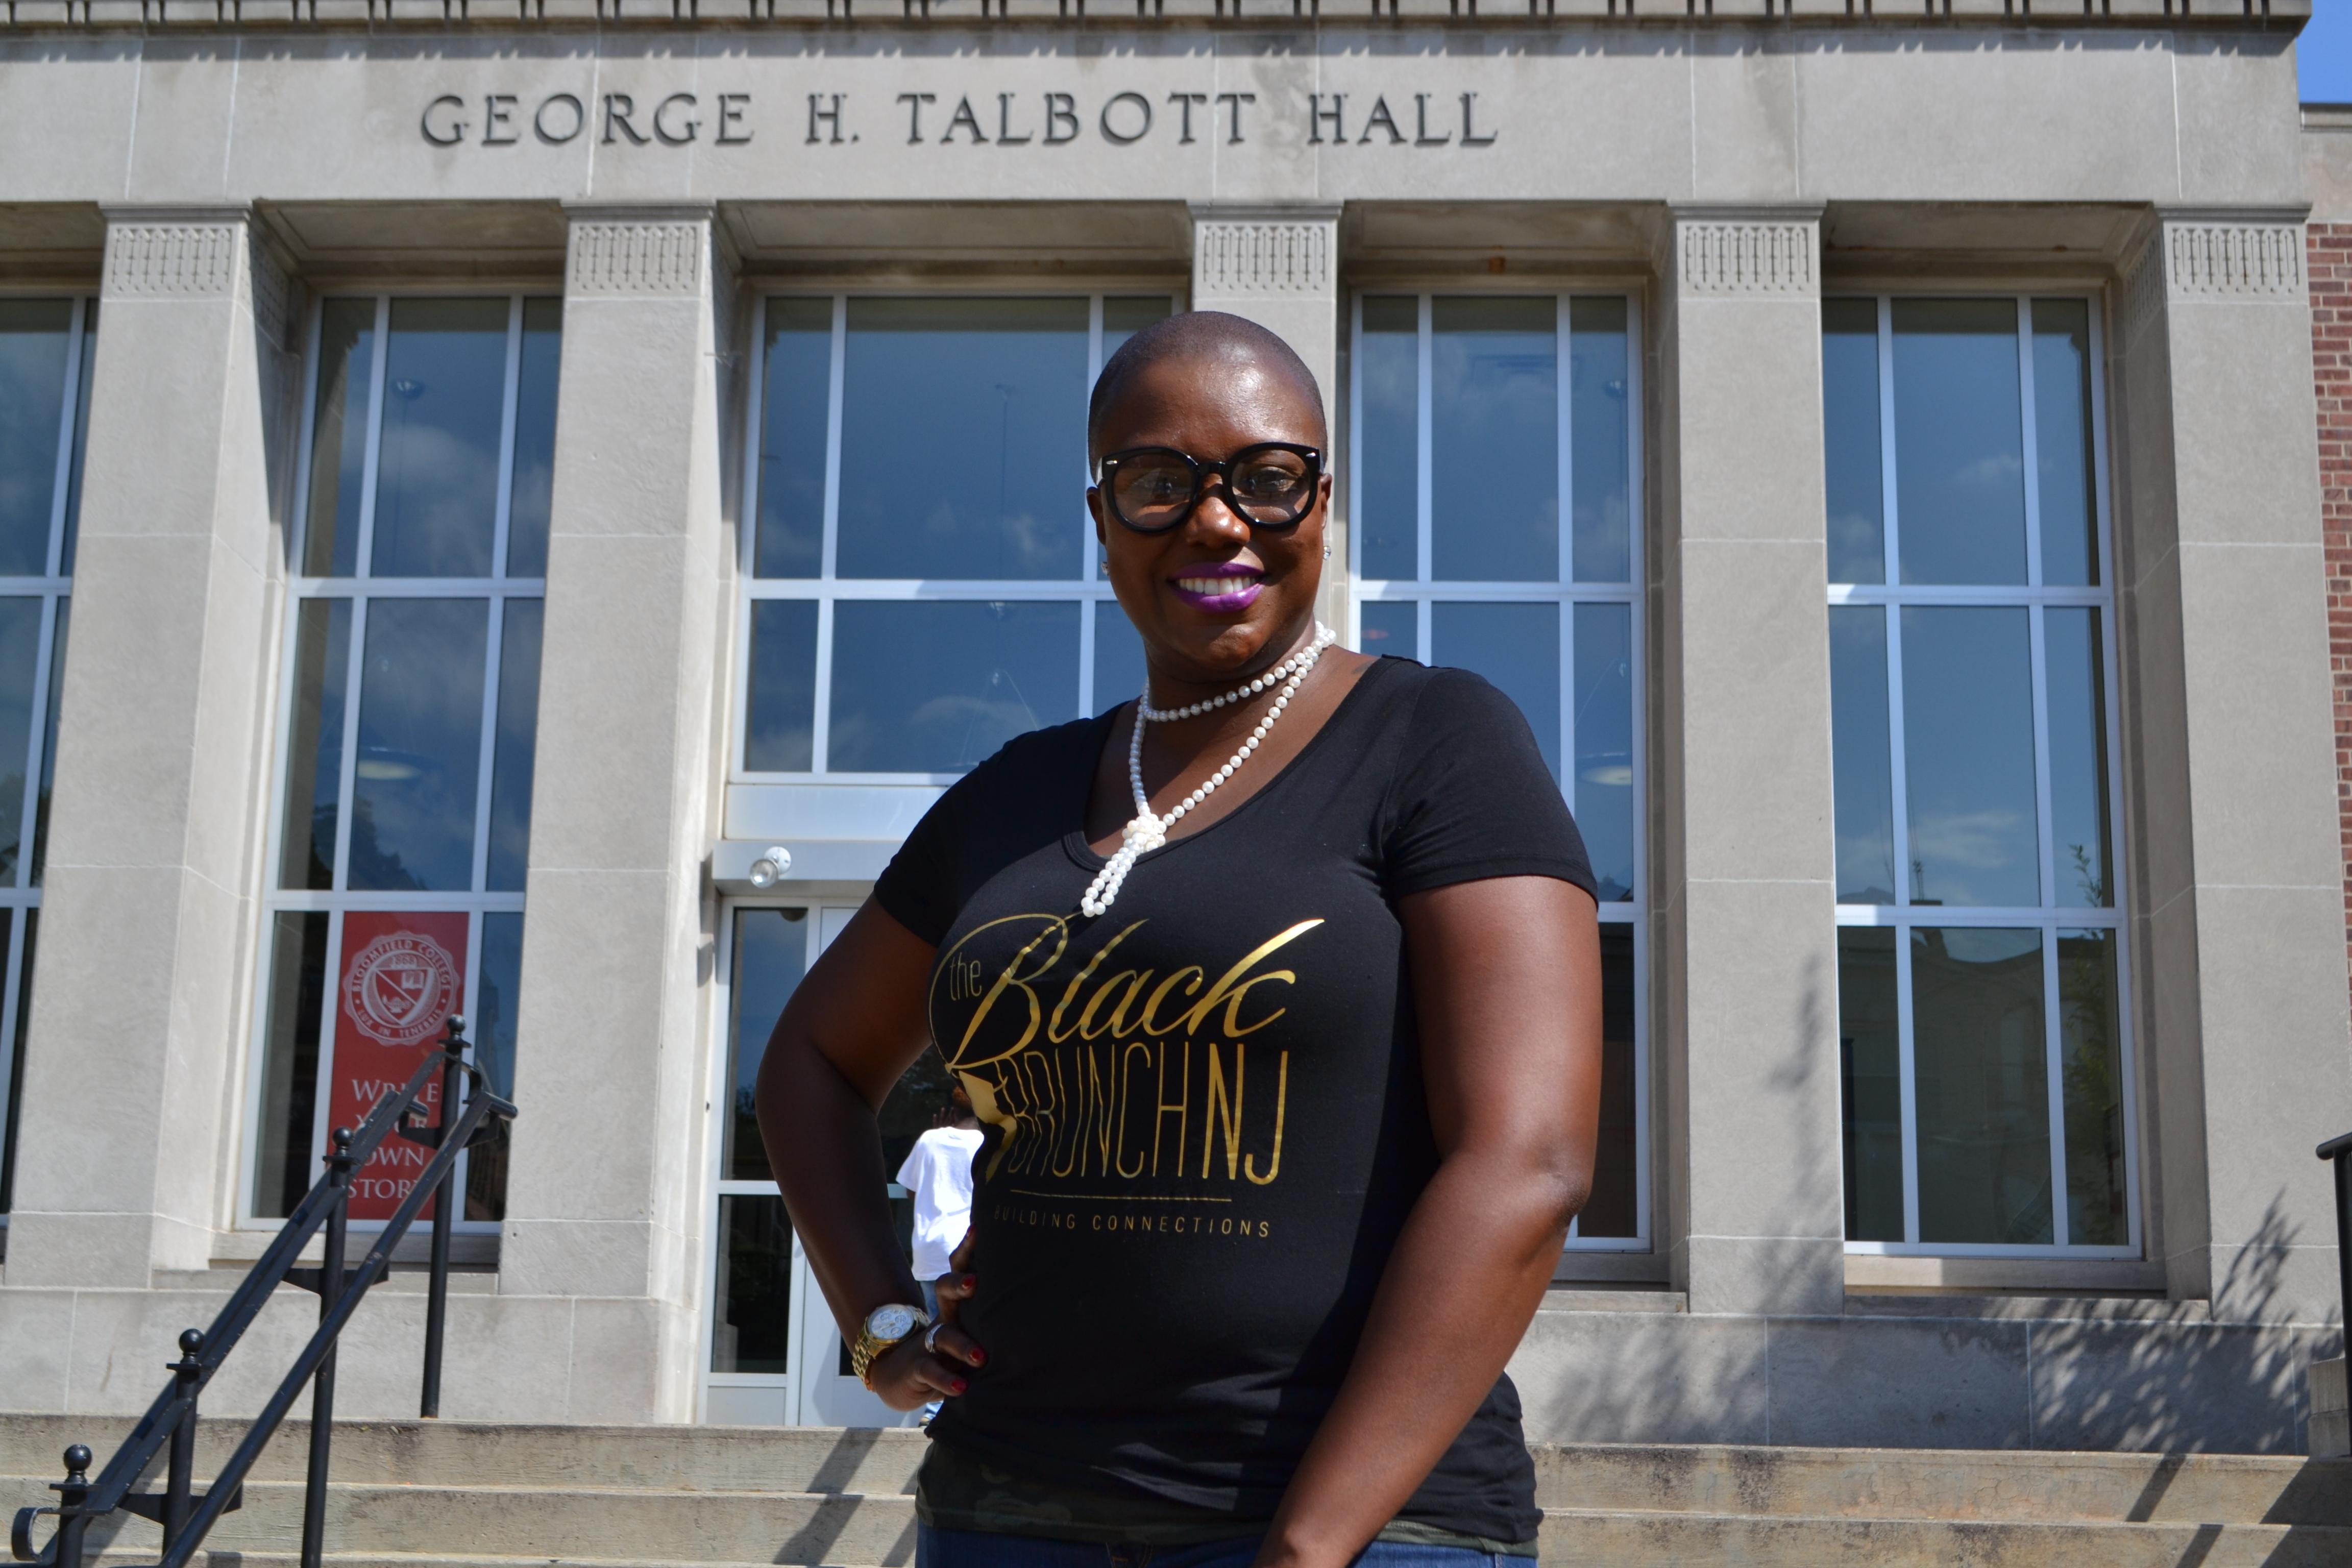 The Black Brunch NJ Hosts 'Rock The Vote'